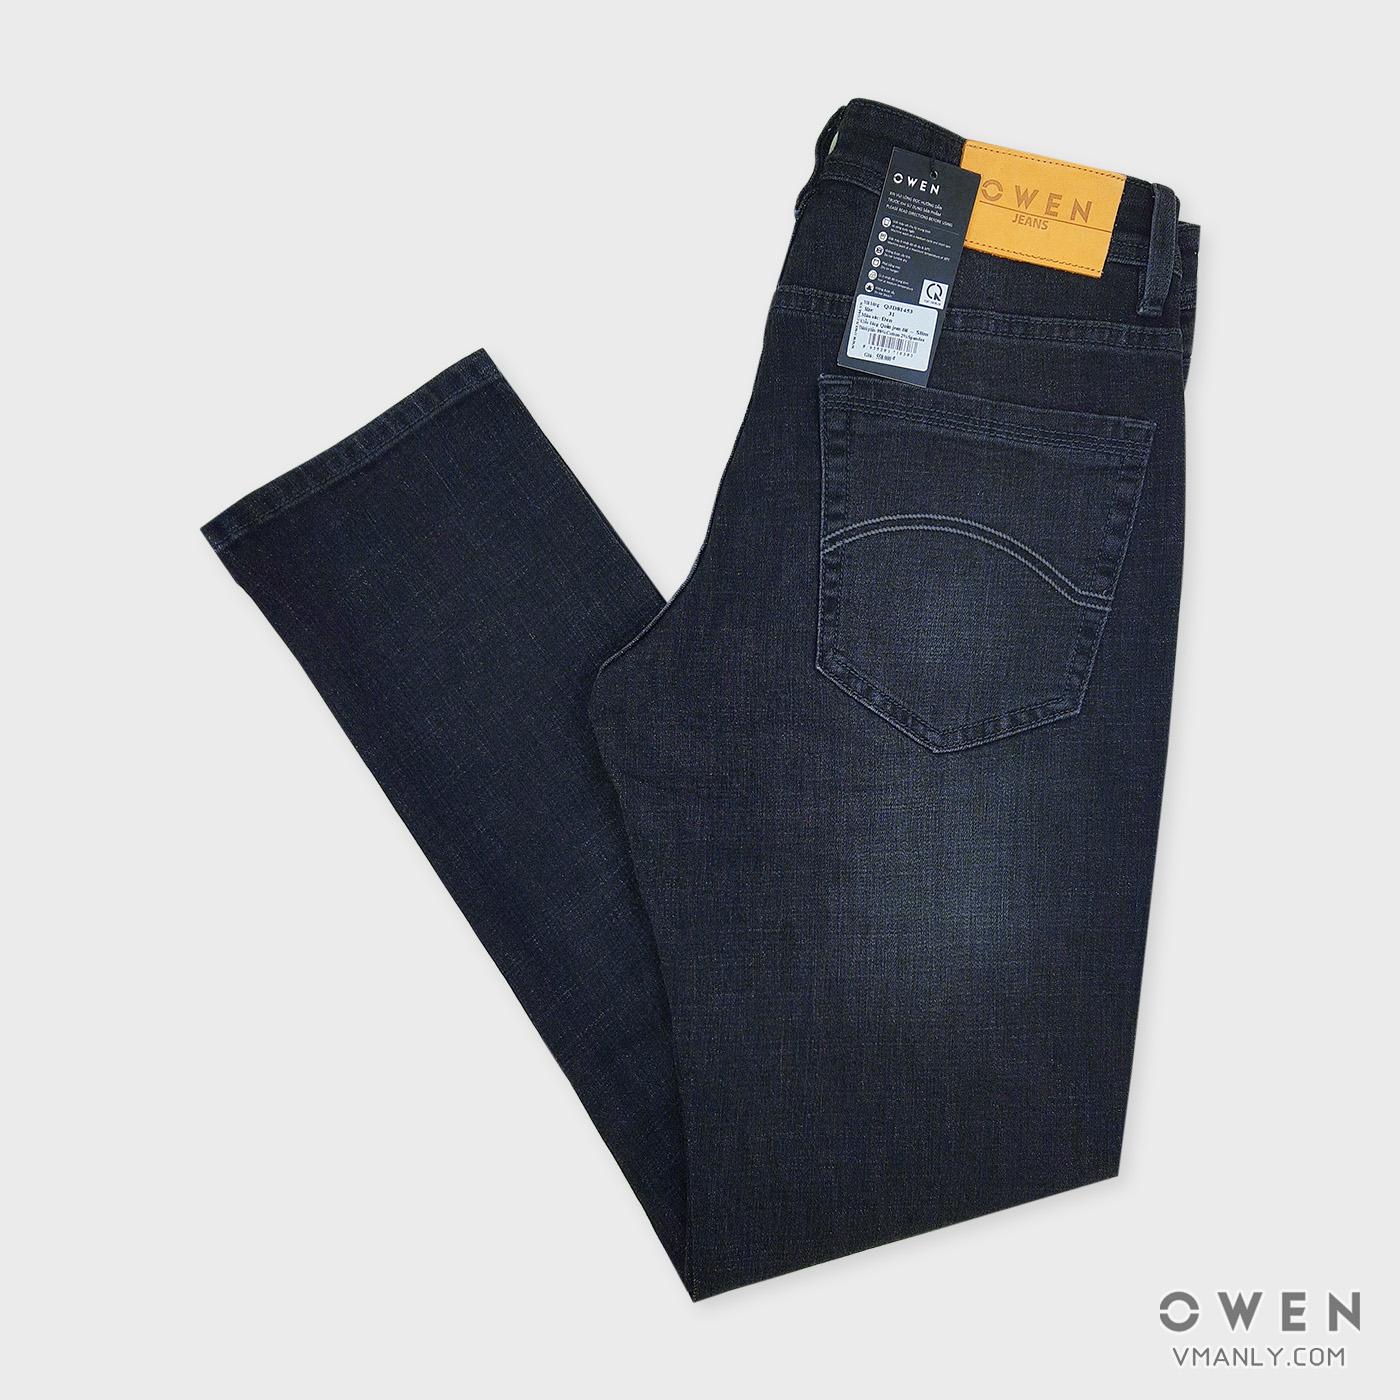 Quần Jeans nam Owen - OJeans ống côn màu đen QJD81453